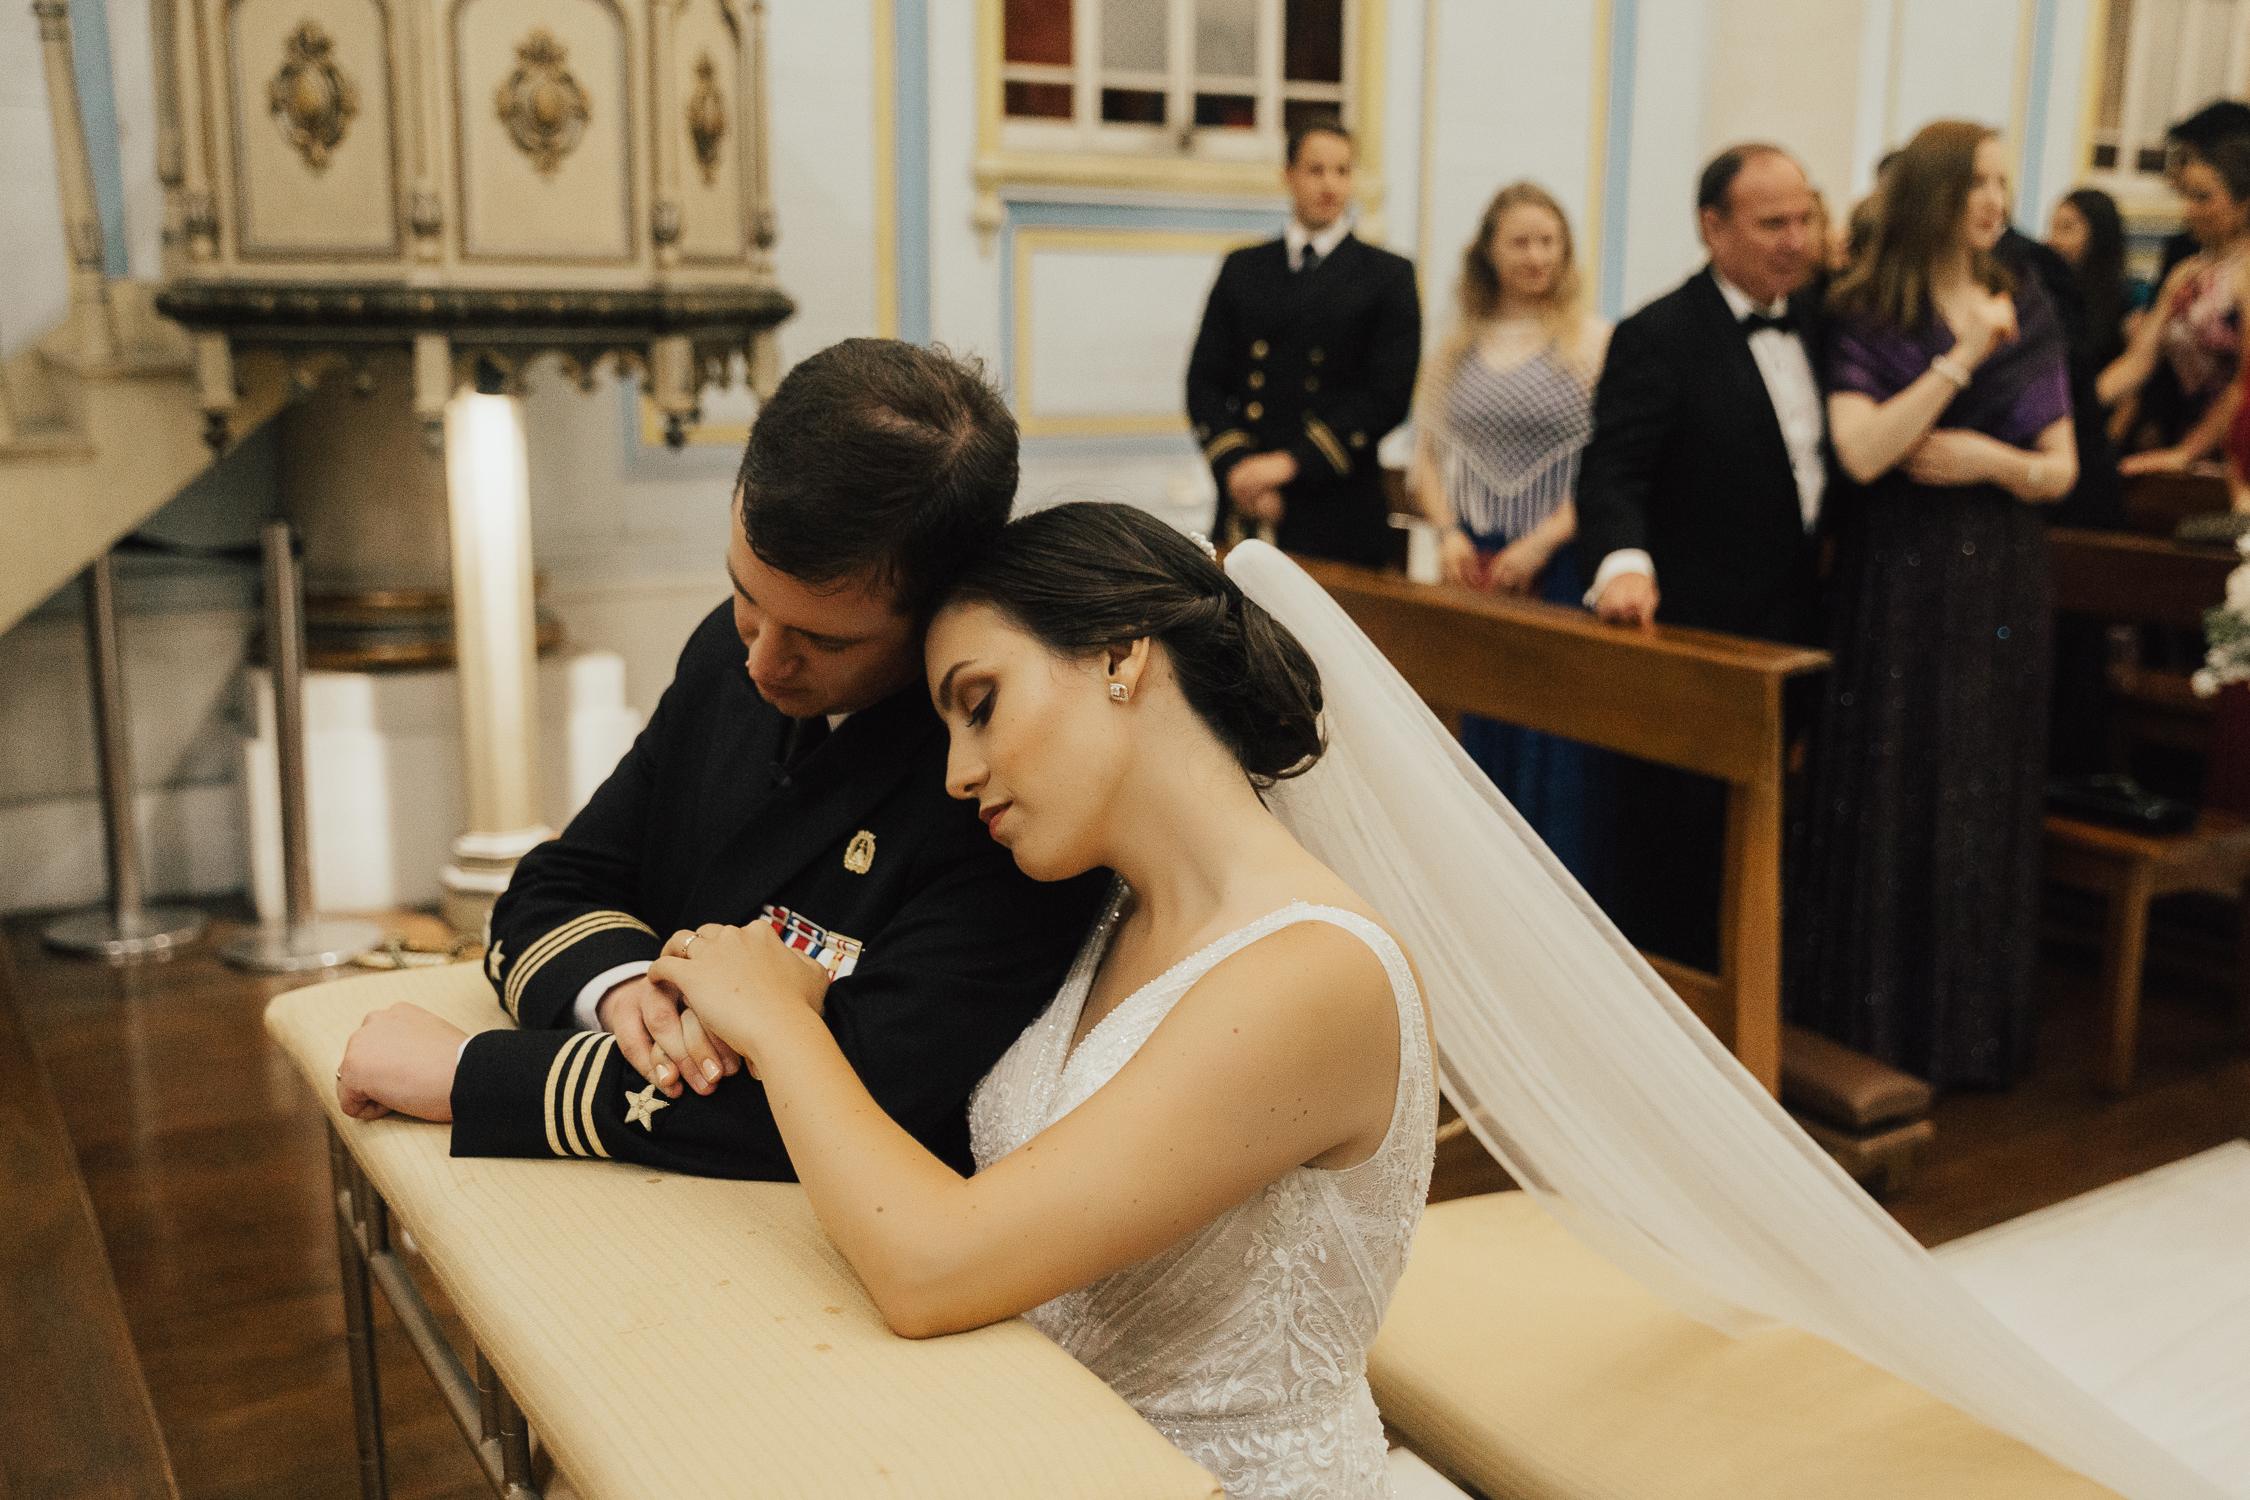 Michelle-Agurto-Fotografia-Bodas-Ecuador-Destination-Wedding-Photographer-Ecuador-Mercedes-Alvaro-95.JPG